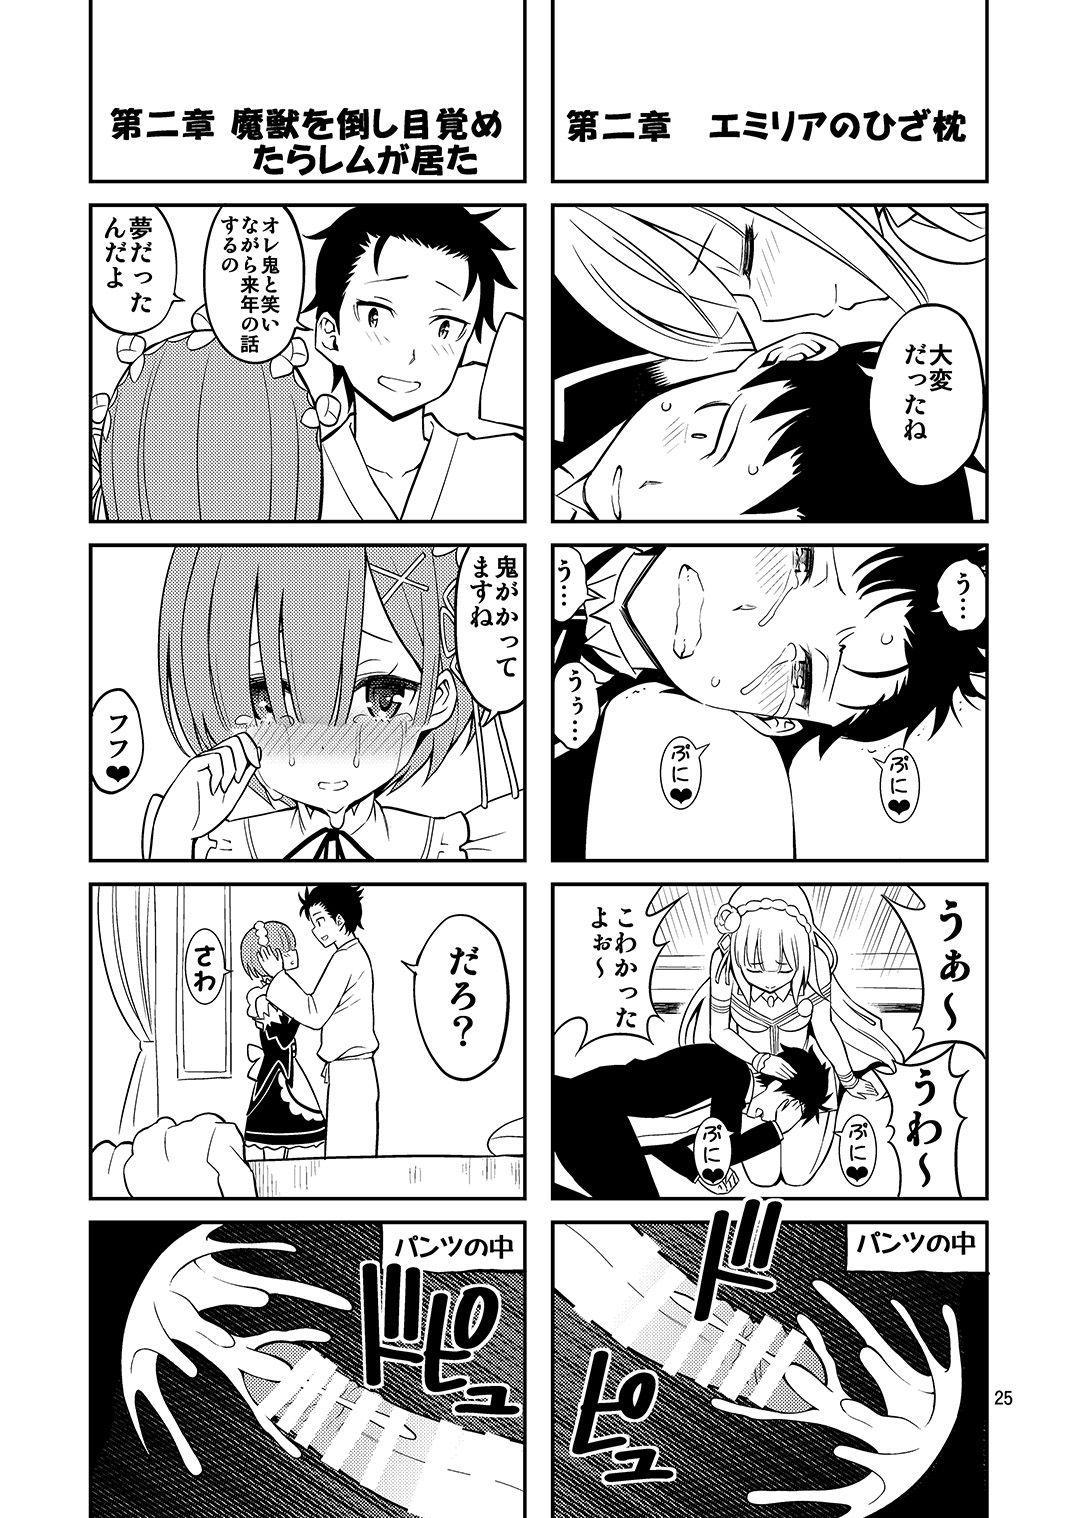 Love:Rem kara Hajimeru Sourou Kaizen Seikatsu 24